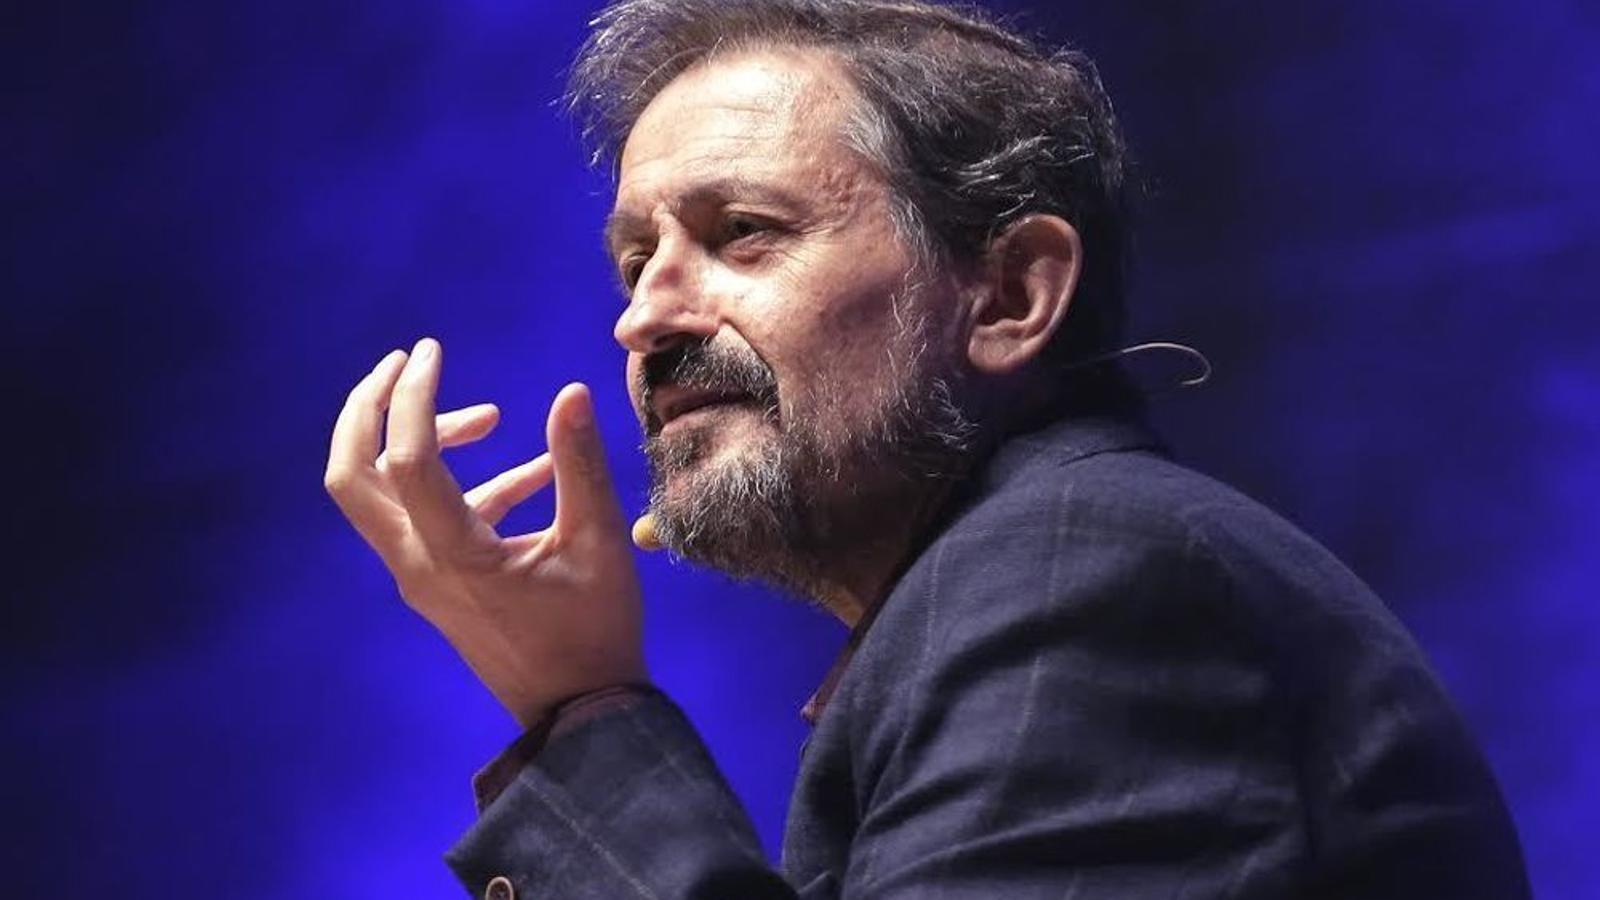 'Viure amb humor', el monòleg de Carles Capdevila